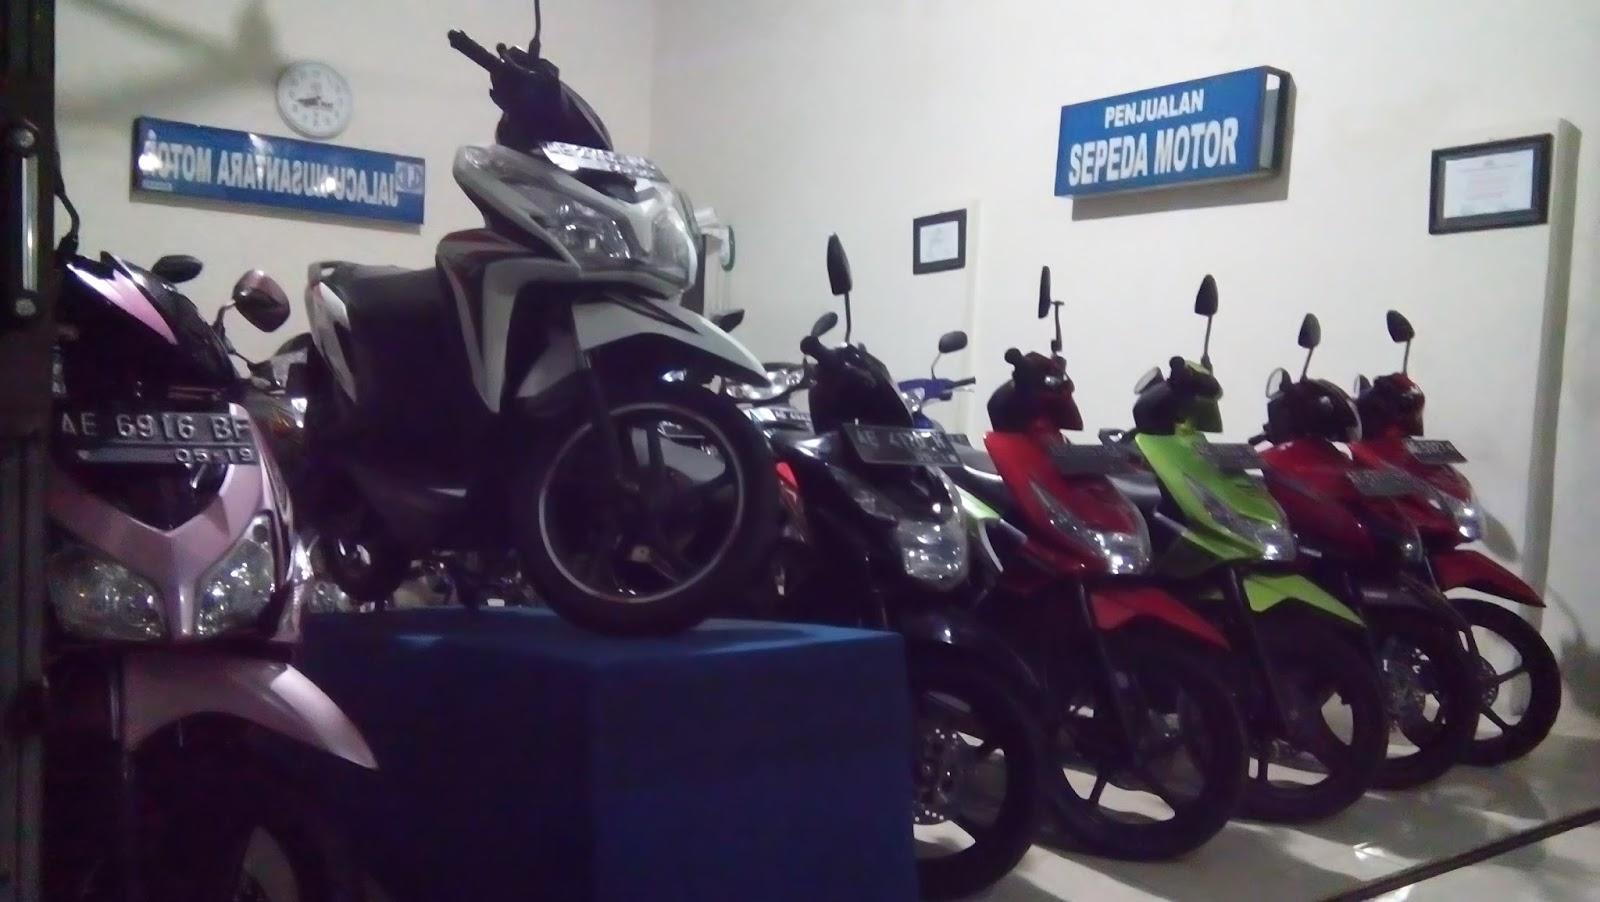 Jalacu Motor Jual Beli Berkelas Berkualitas New Vario 110 Esp Cbs Iss Grande White Tangerang Untuk Mendominasi Pasar Matic Di Indonesia Sepertinya Akan Tercapai Dengan Hadirnya Fi 2014 Ini Fitur Canggih Dan Desain Baru